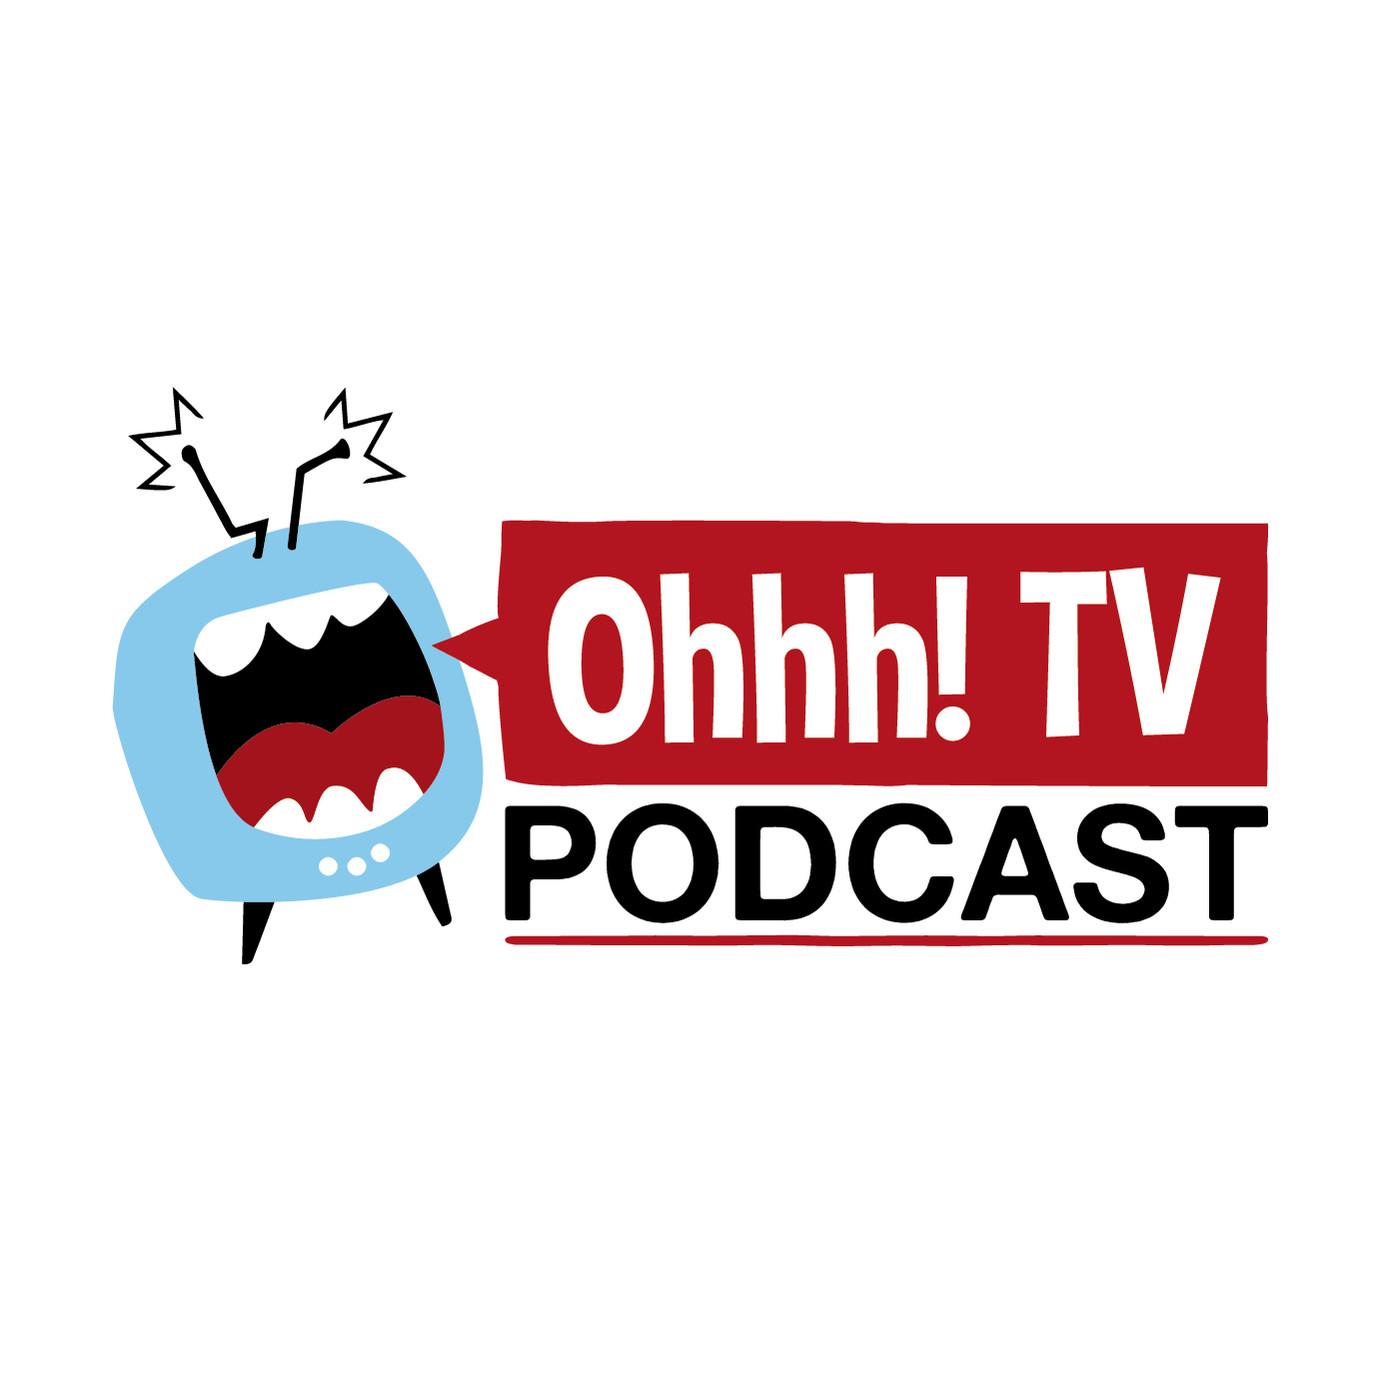 Temporada 05 - Ohhh! TV Podcast